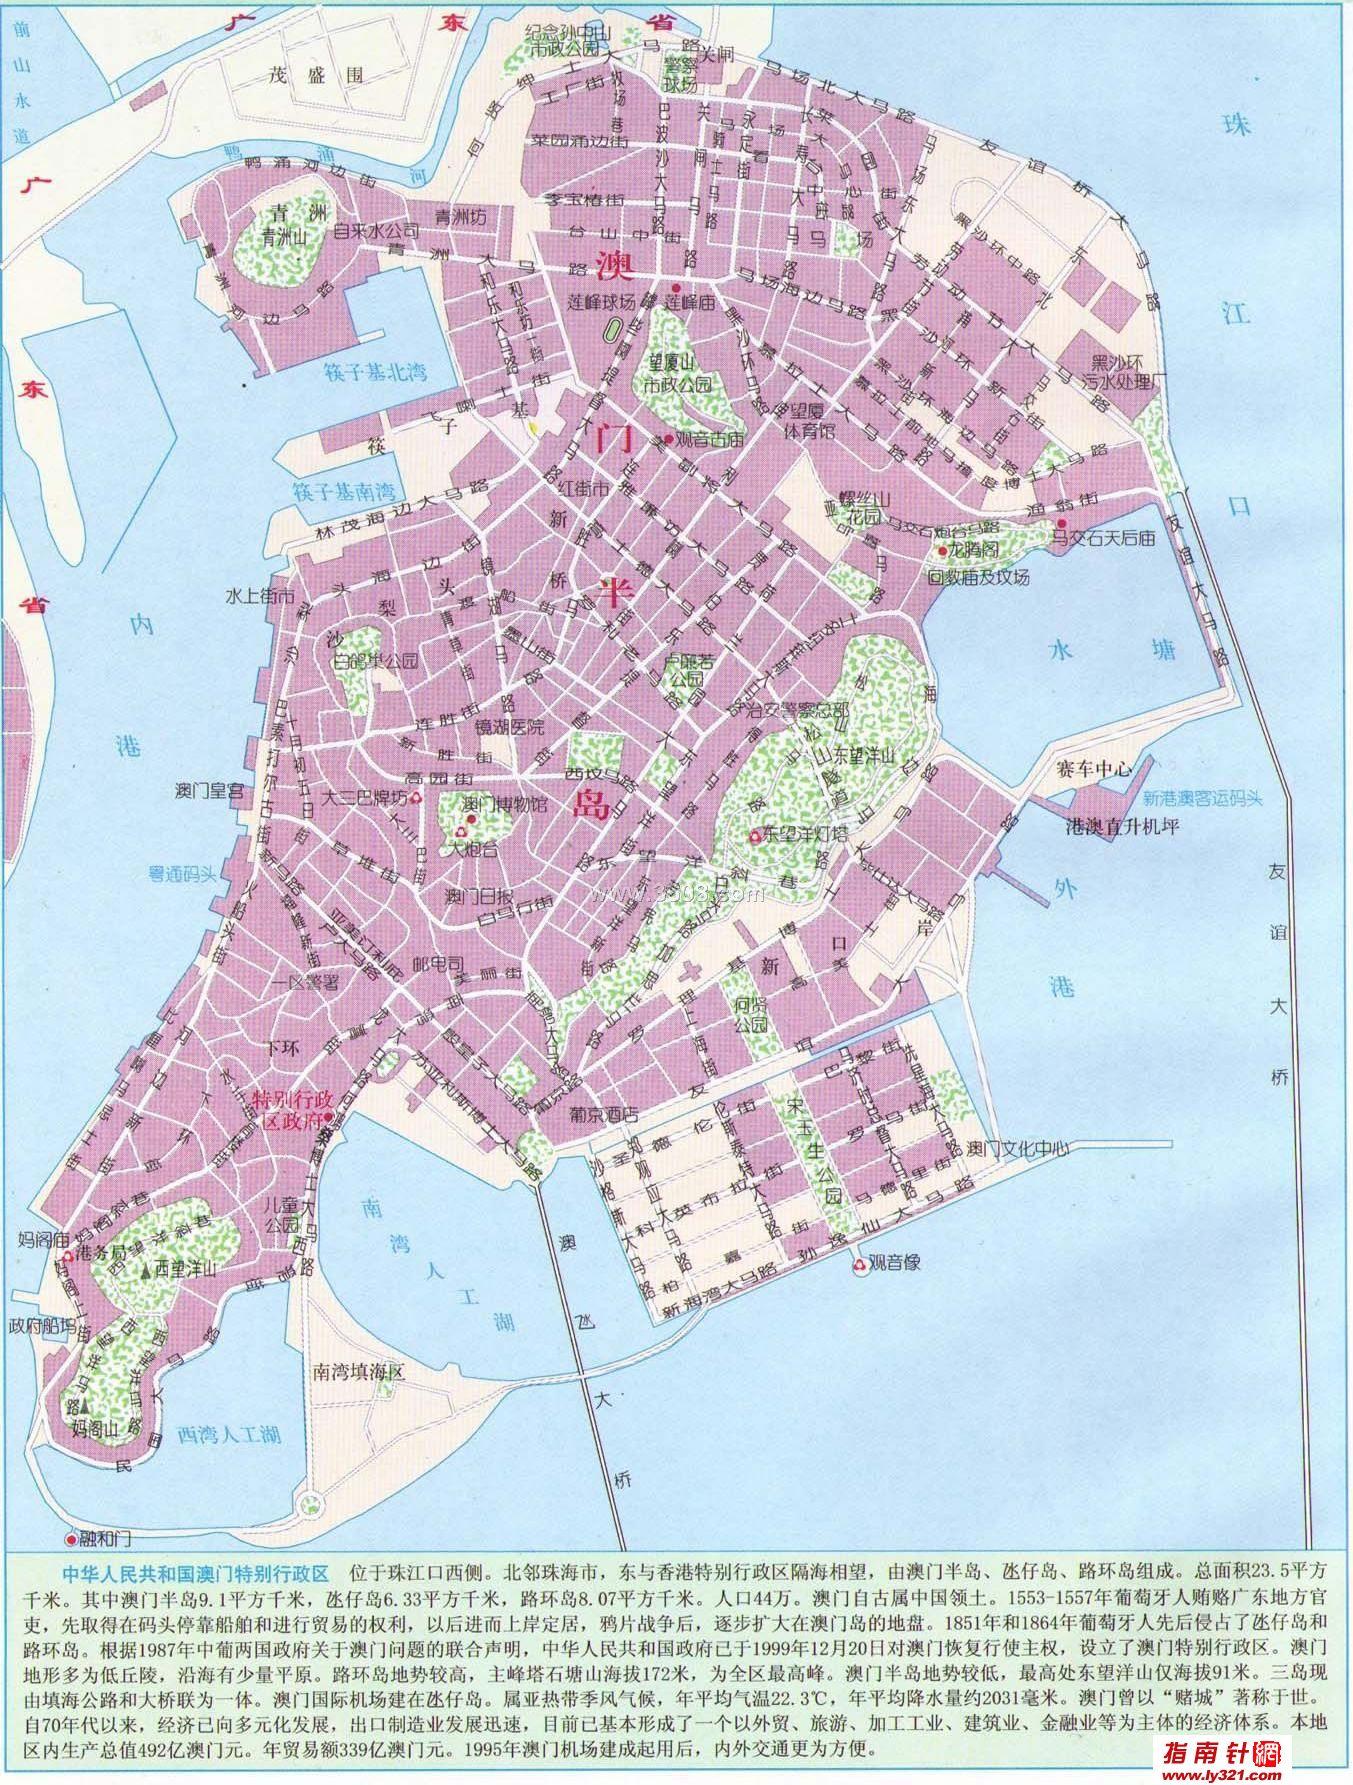 澳门半岛详细地图_澳门旅游景点地图查询